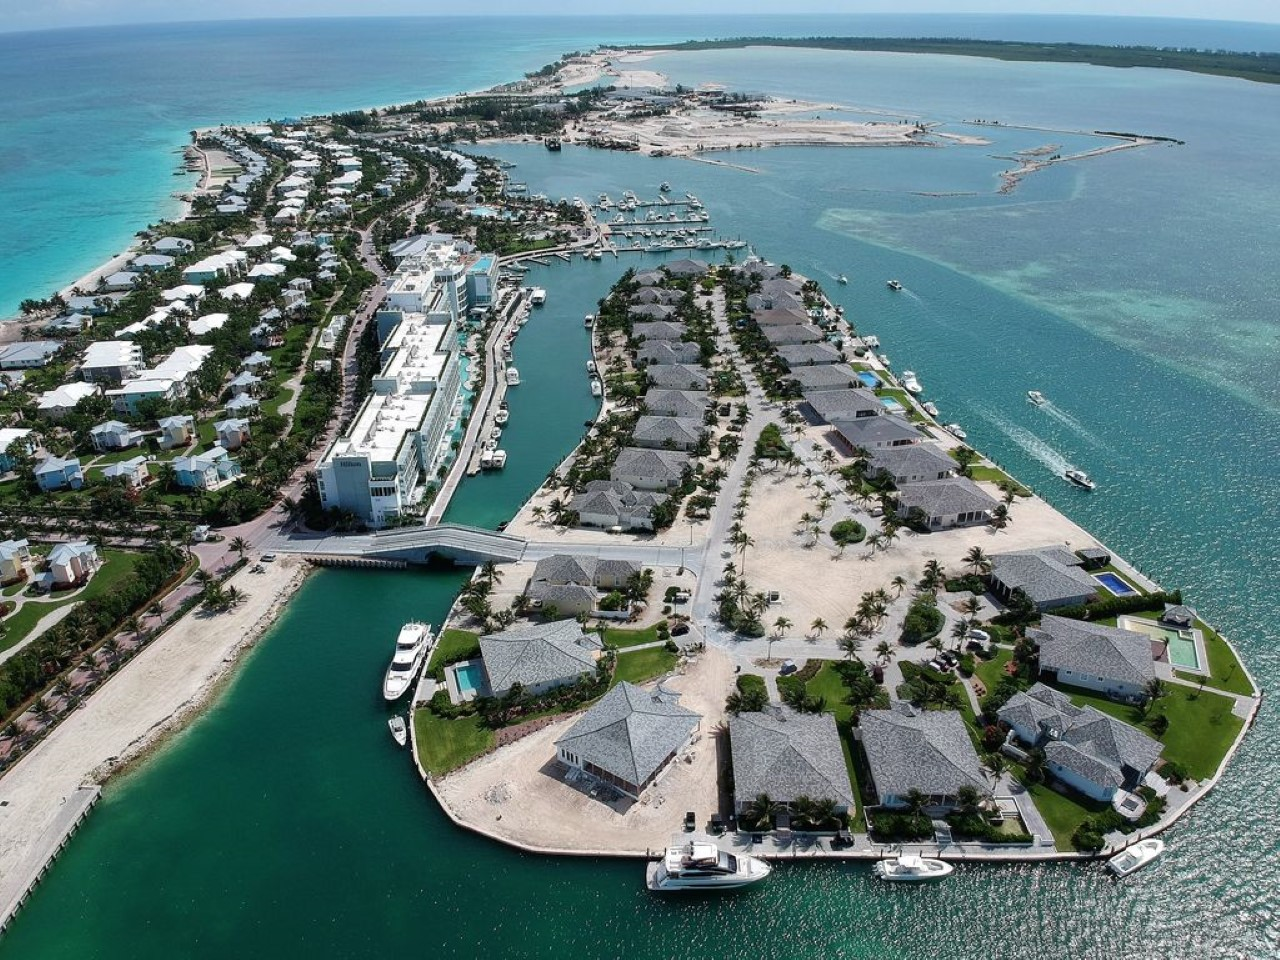 bimini bay private island home